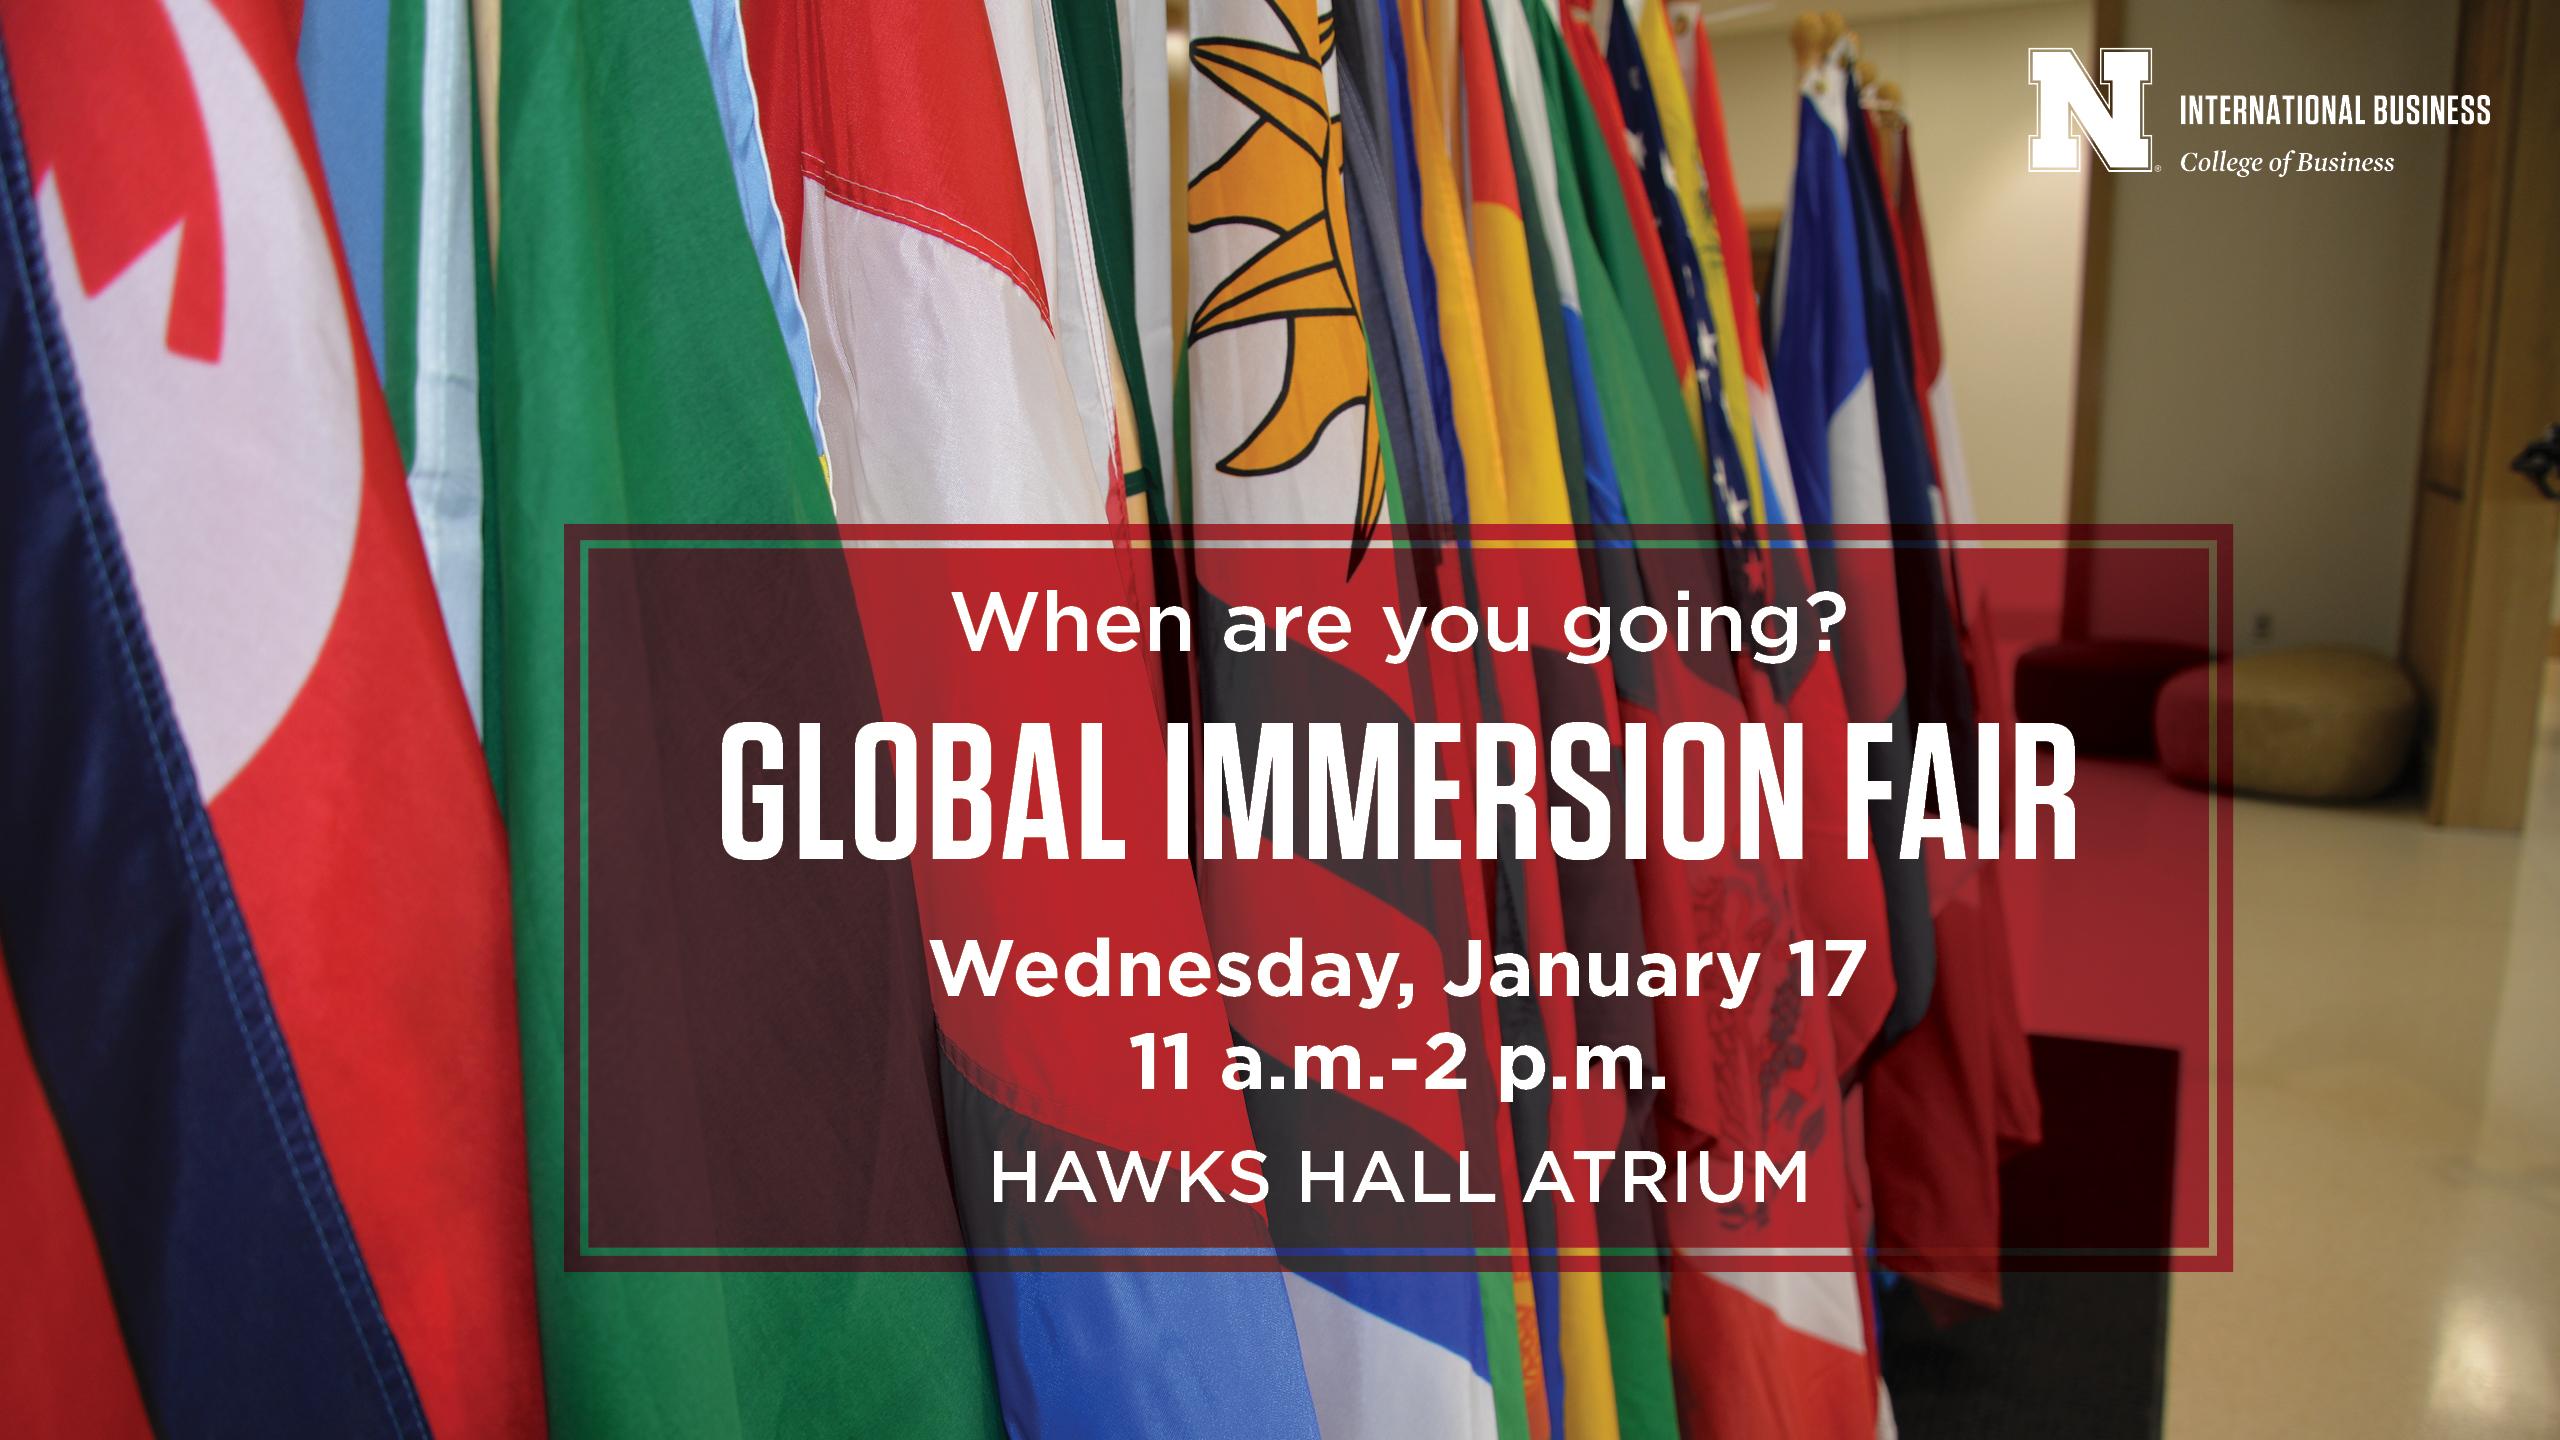 Global Immersion Fair Announce University Of Nebraska